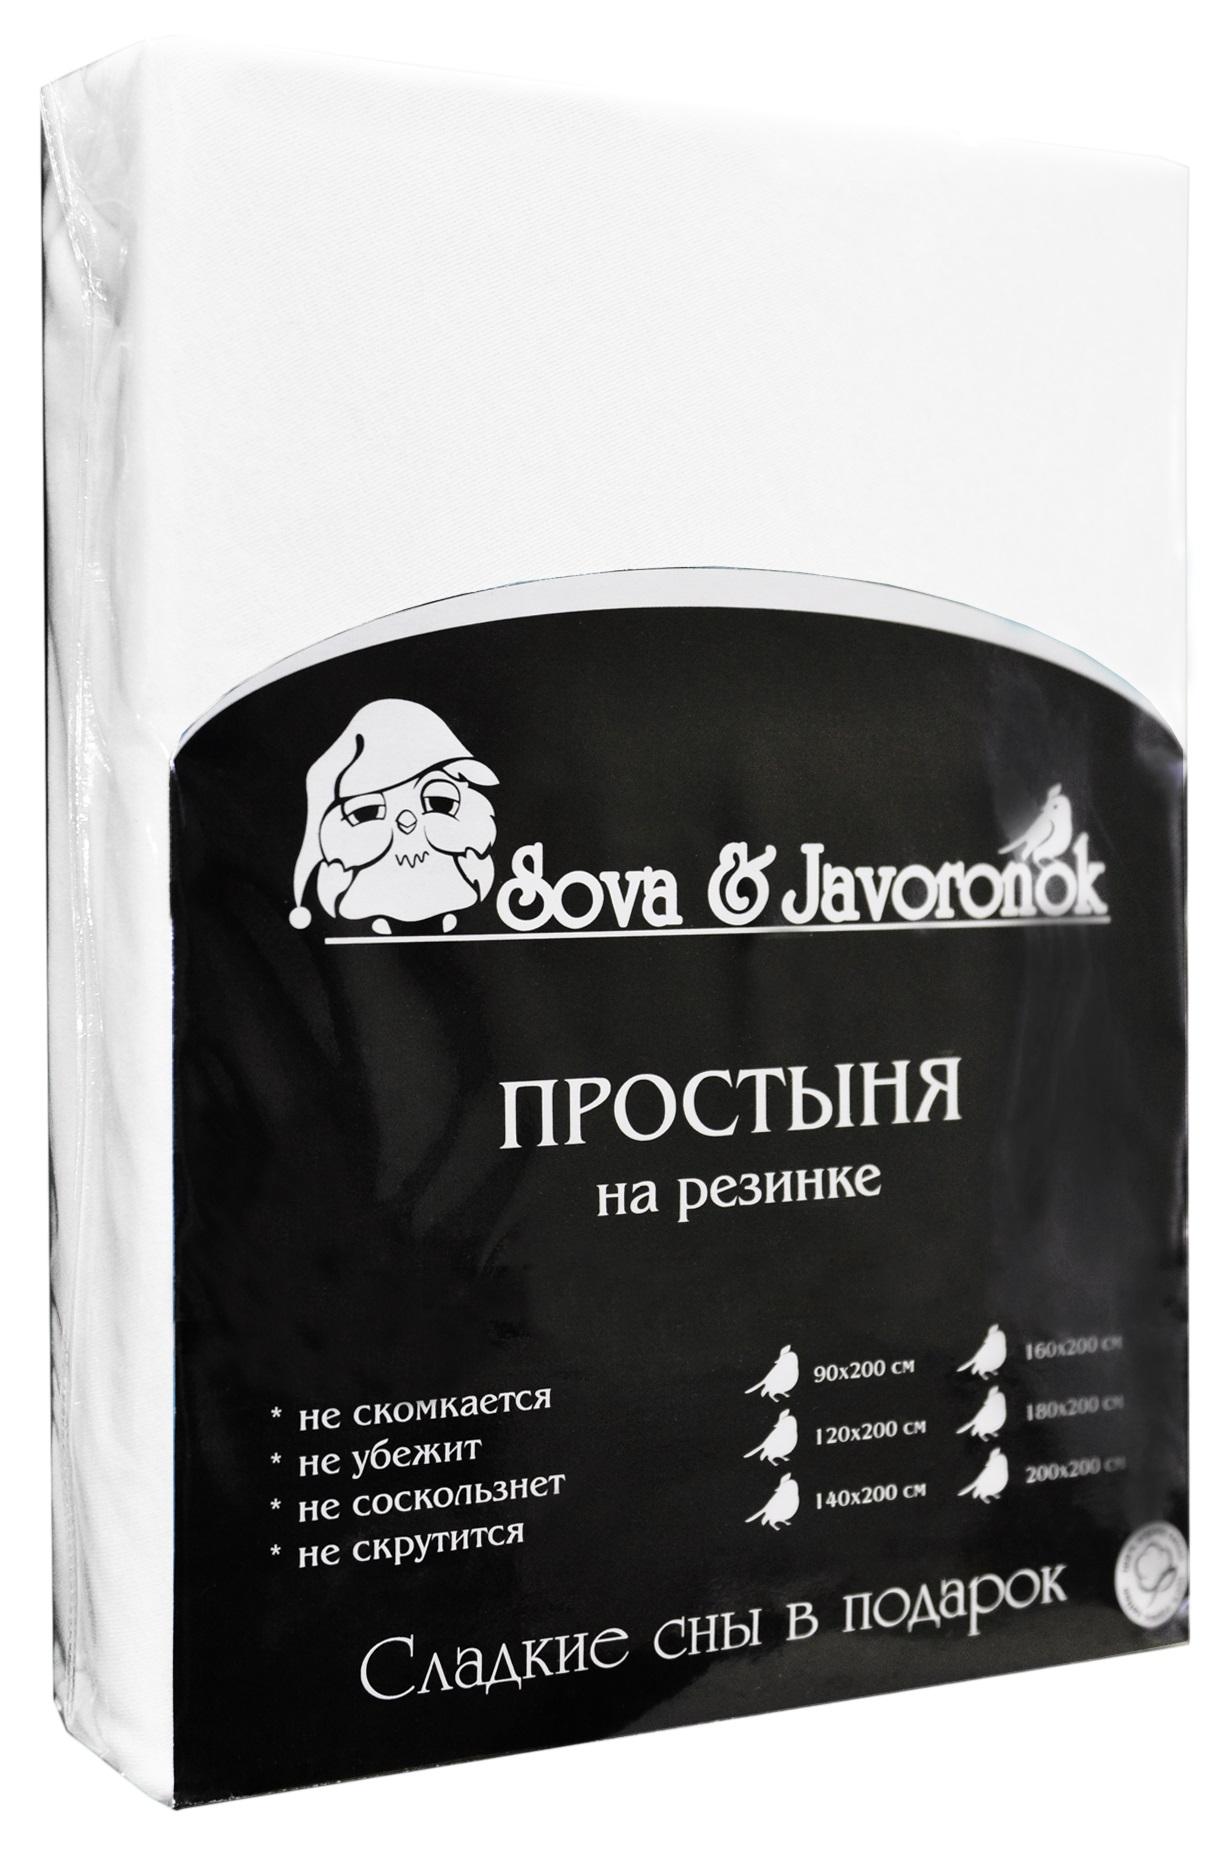 Простыня на резинке Sova & Javoronok, цвет: белый, 140 х 200 смU210DFПростыня на резинке Sova & Javoronok, изготовленная из трикотажной ткани (100% хлопок), будет превосходно смотреться с любыми комплектами белья. Хлопчатобумажный трикотаж по праву считается одним из самых качественных, прочных и при этом приятных на ощупь. Его гигиеничность позволяет использовать простыню и в детских комнатах, к тому же 100%-ый хлопок в составе ткани не вызовет аллергии. У трикотажного полотна очень интересная структура, немного рыхлая за счет отсутствия плотного переплетения нитей и наличия особых петель, благодаря этому простыня Сова и Жаворонок отлично пропускает воздух и способствует его постоянной циркуляции. Поэтому ваша постель будет всегда оставаться свежей. Но главное и, пожалуй, самое известное свойство трикотажа - это его великолепная растяжимость, поэтому эта ткань и была выбрана для натяжной простыни на резинке.Простыня прошита резинкой по всему периметру, что обеспечивает более комфортный отдых, так как она прочно удерживается на матрасе и избавляет от необходимости часто поправлять простыню. Подходит для матрасов до 20 см.